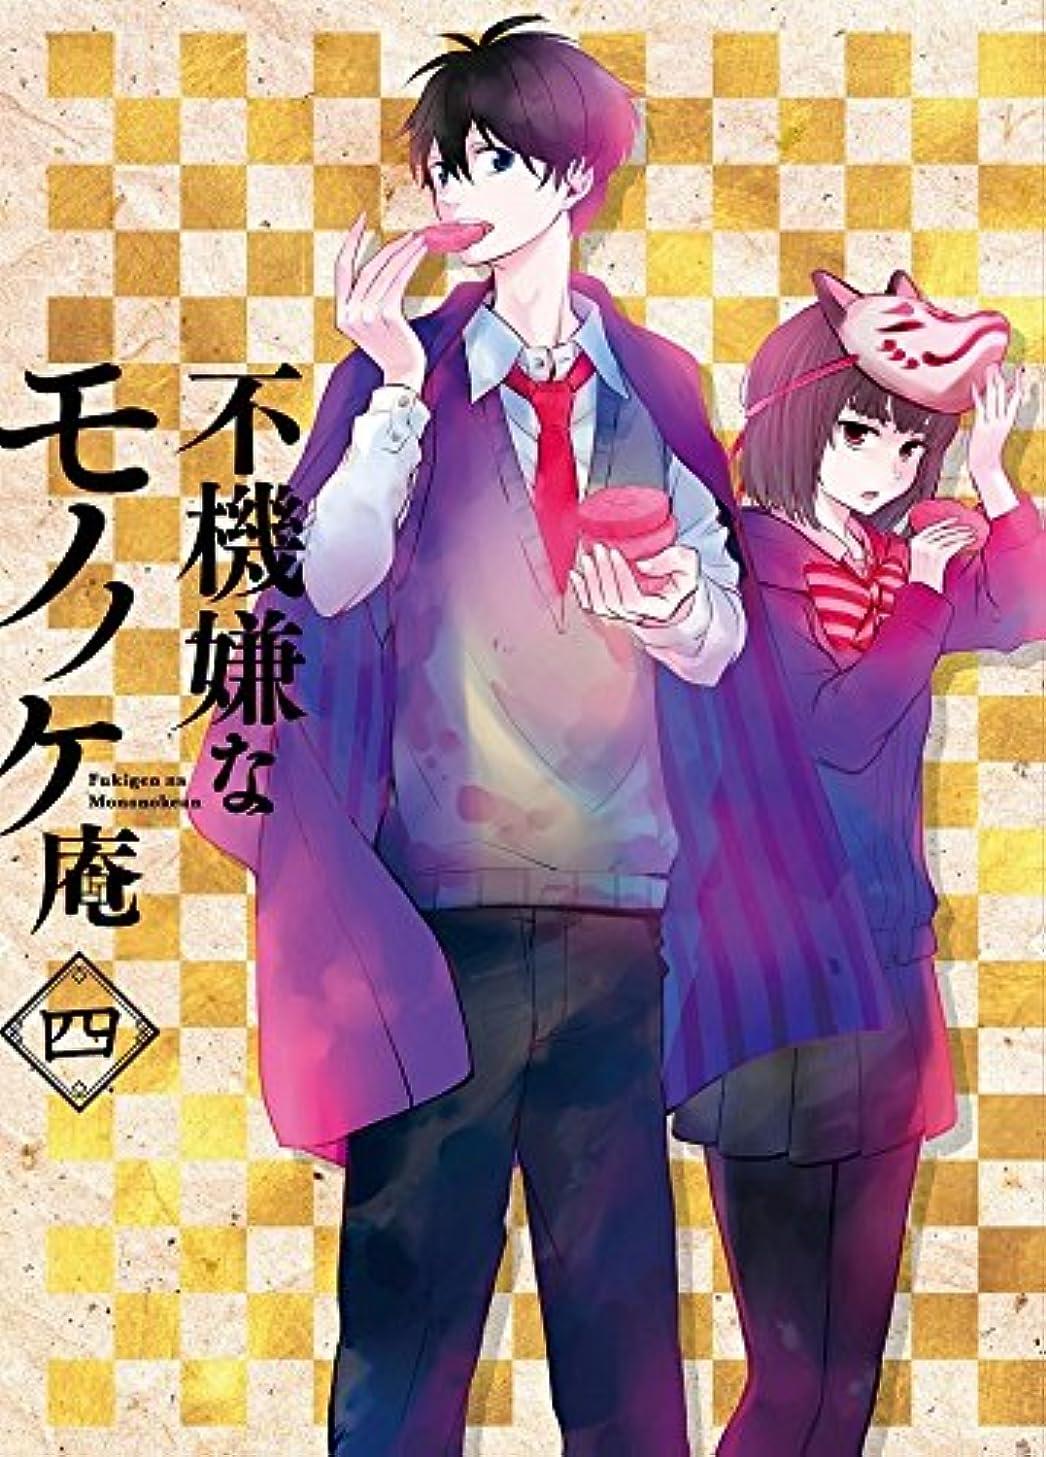 みぞれ広げるキルスTVアニメ「不機嫌なモノノケ庵」 4巻 【Blu-ray】